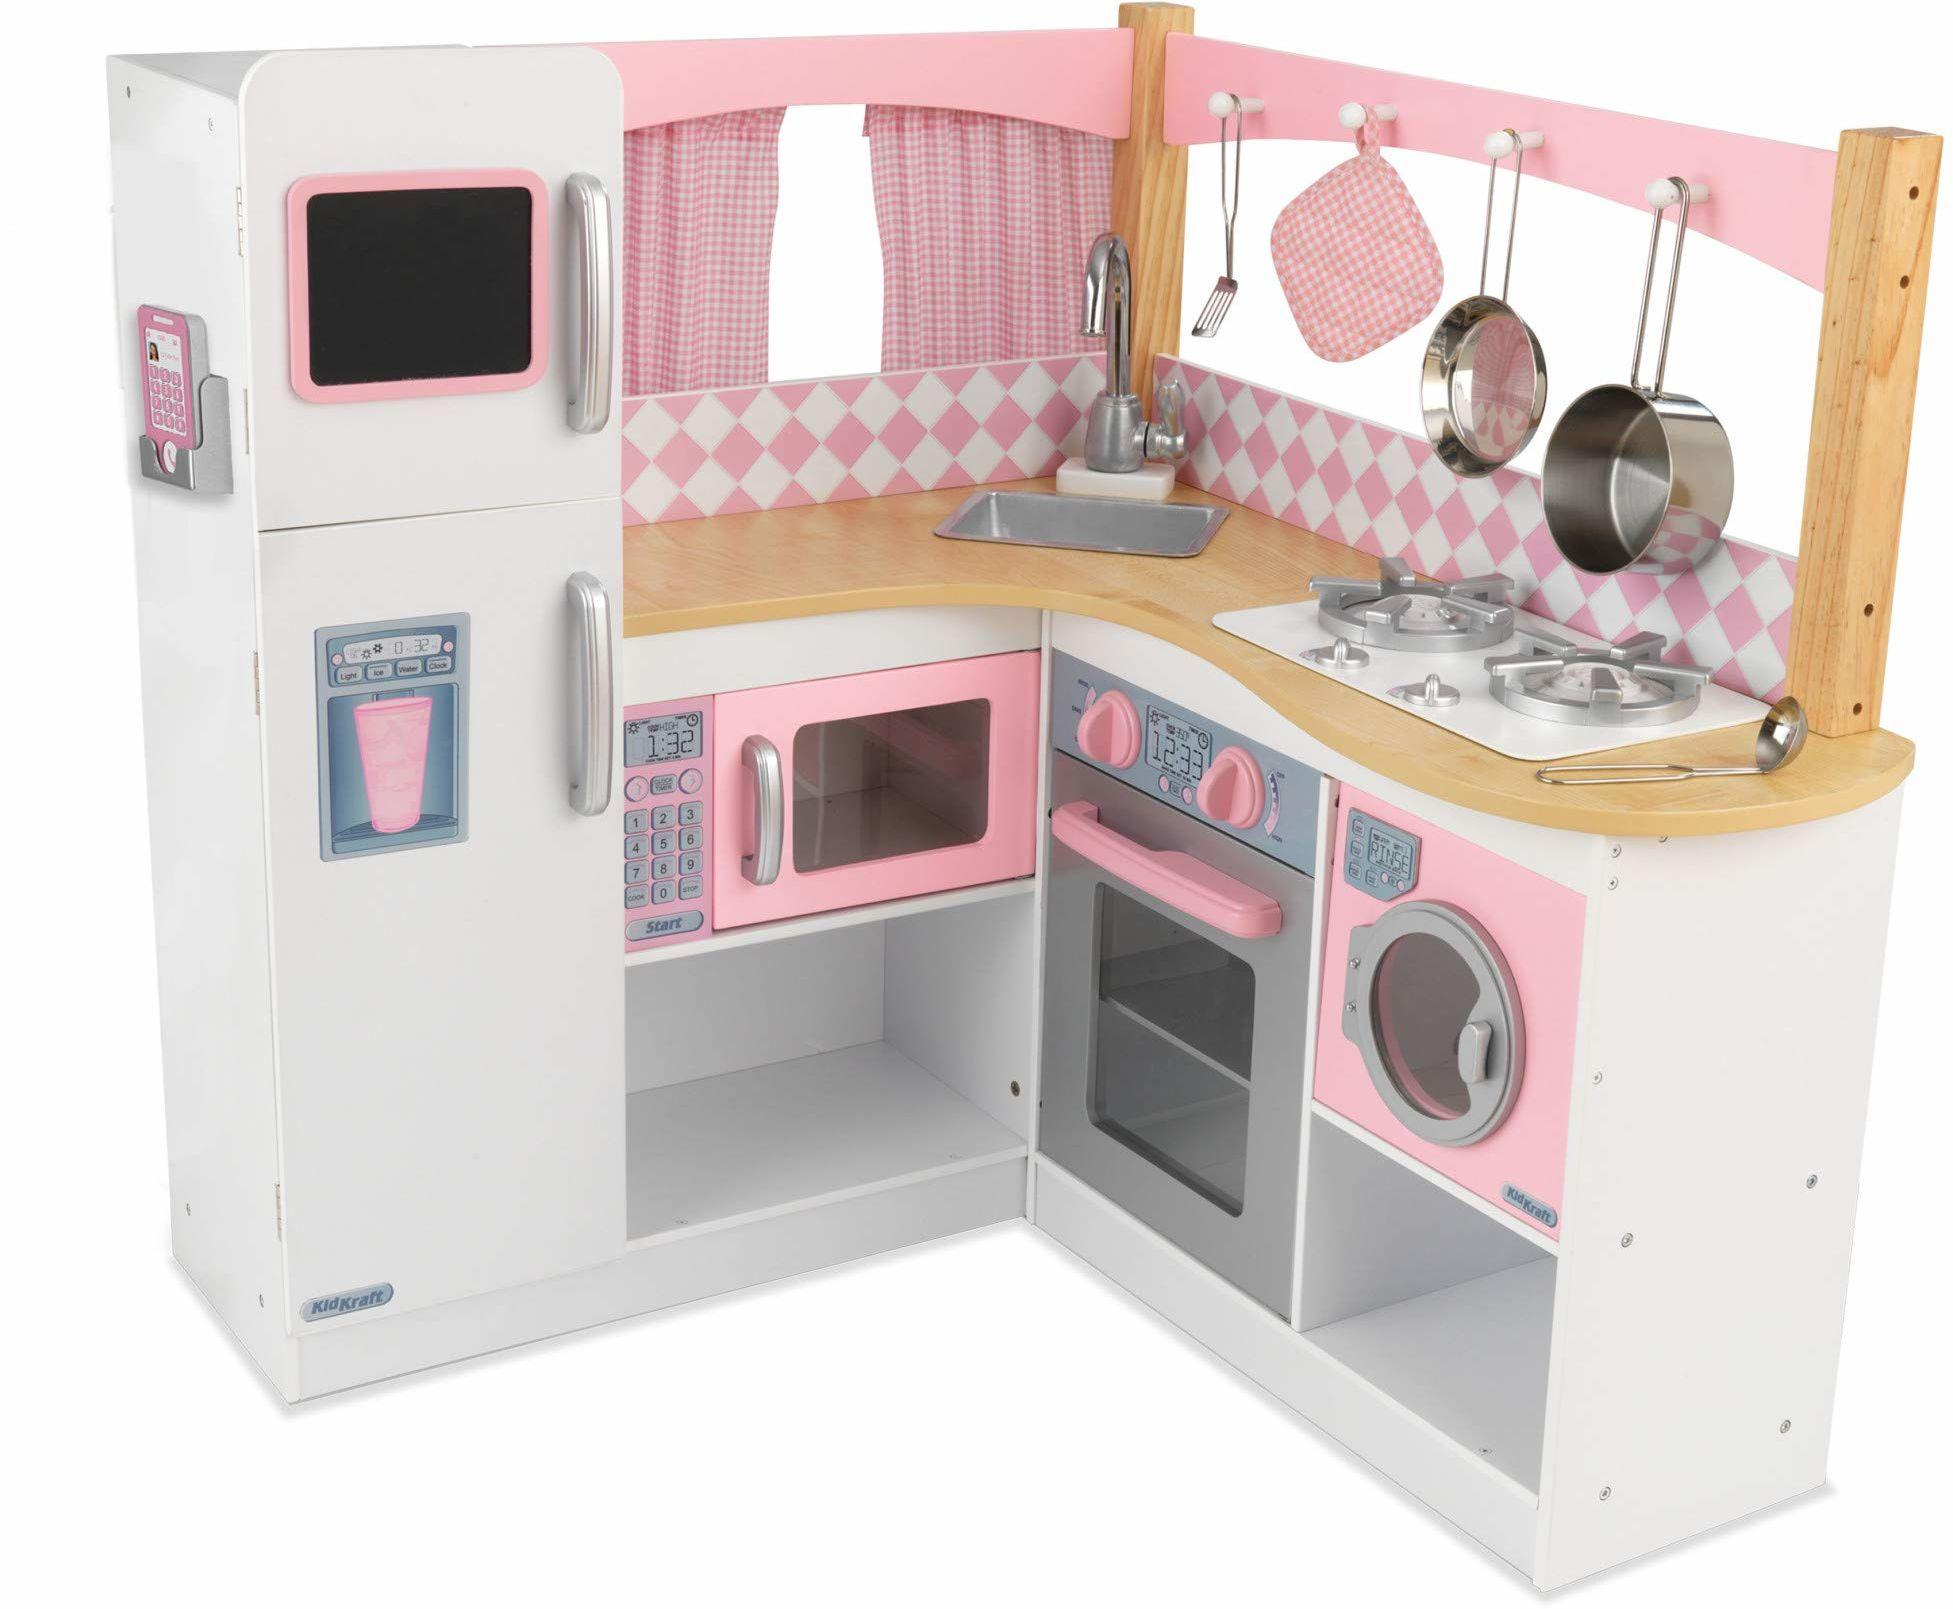 KidKraft 53185 Grand Gourmet narożna kuchnia do zabawy, różowo-biała